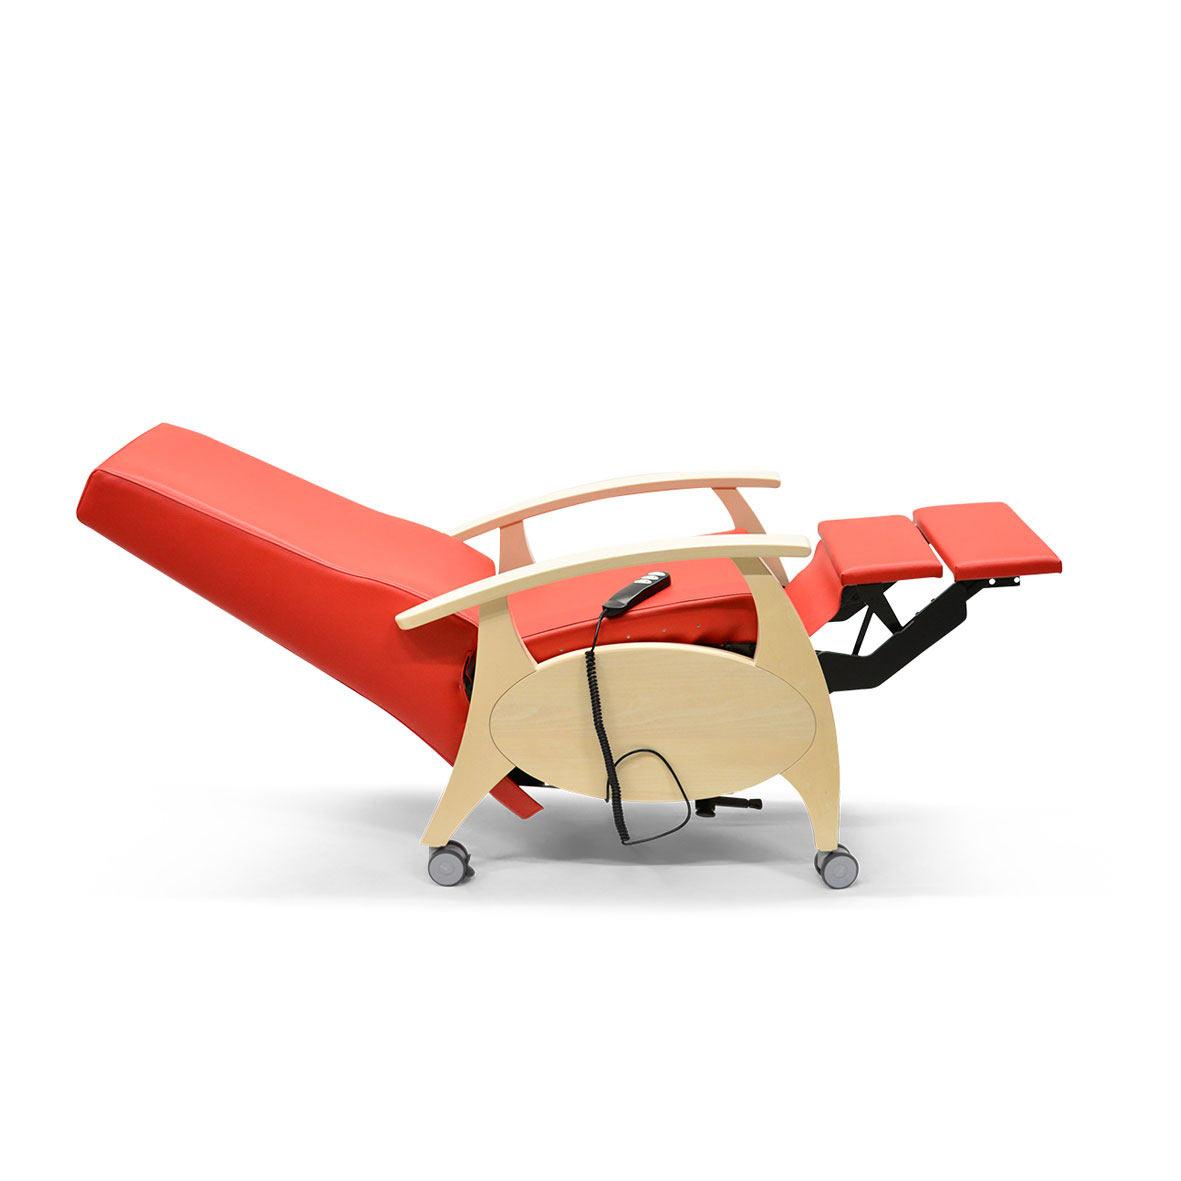 Pflegesessel Multicare wood 8509464R 01413005R5464 4 - MultiCare Wood Pflegesessel 8509